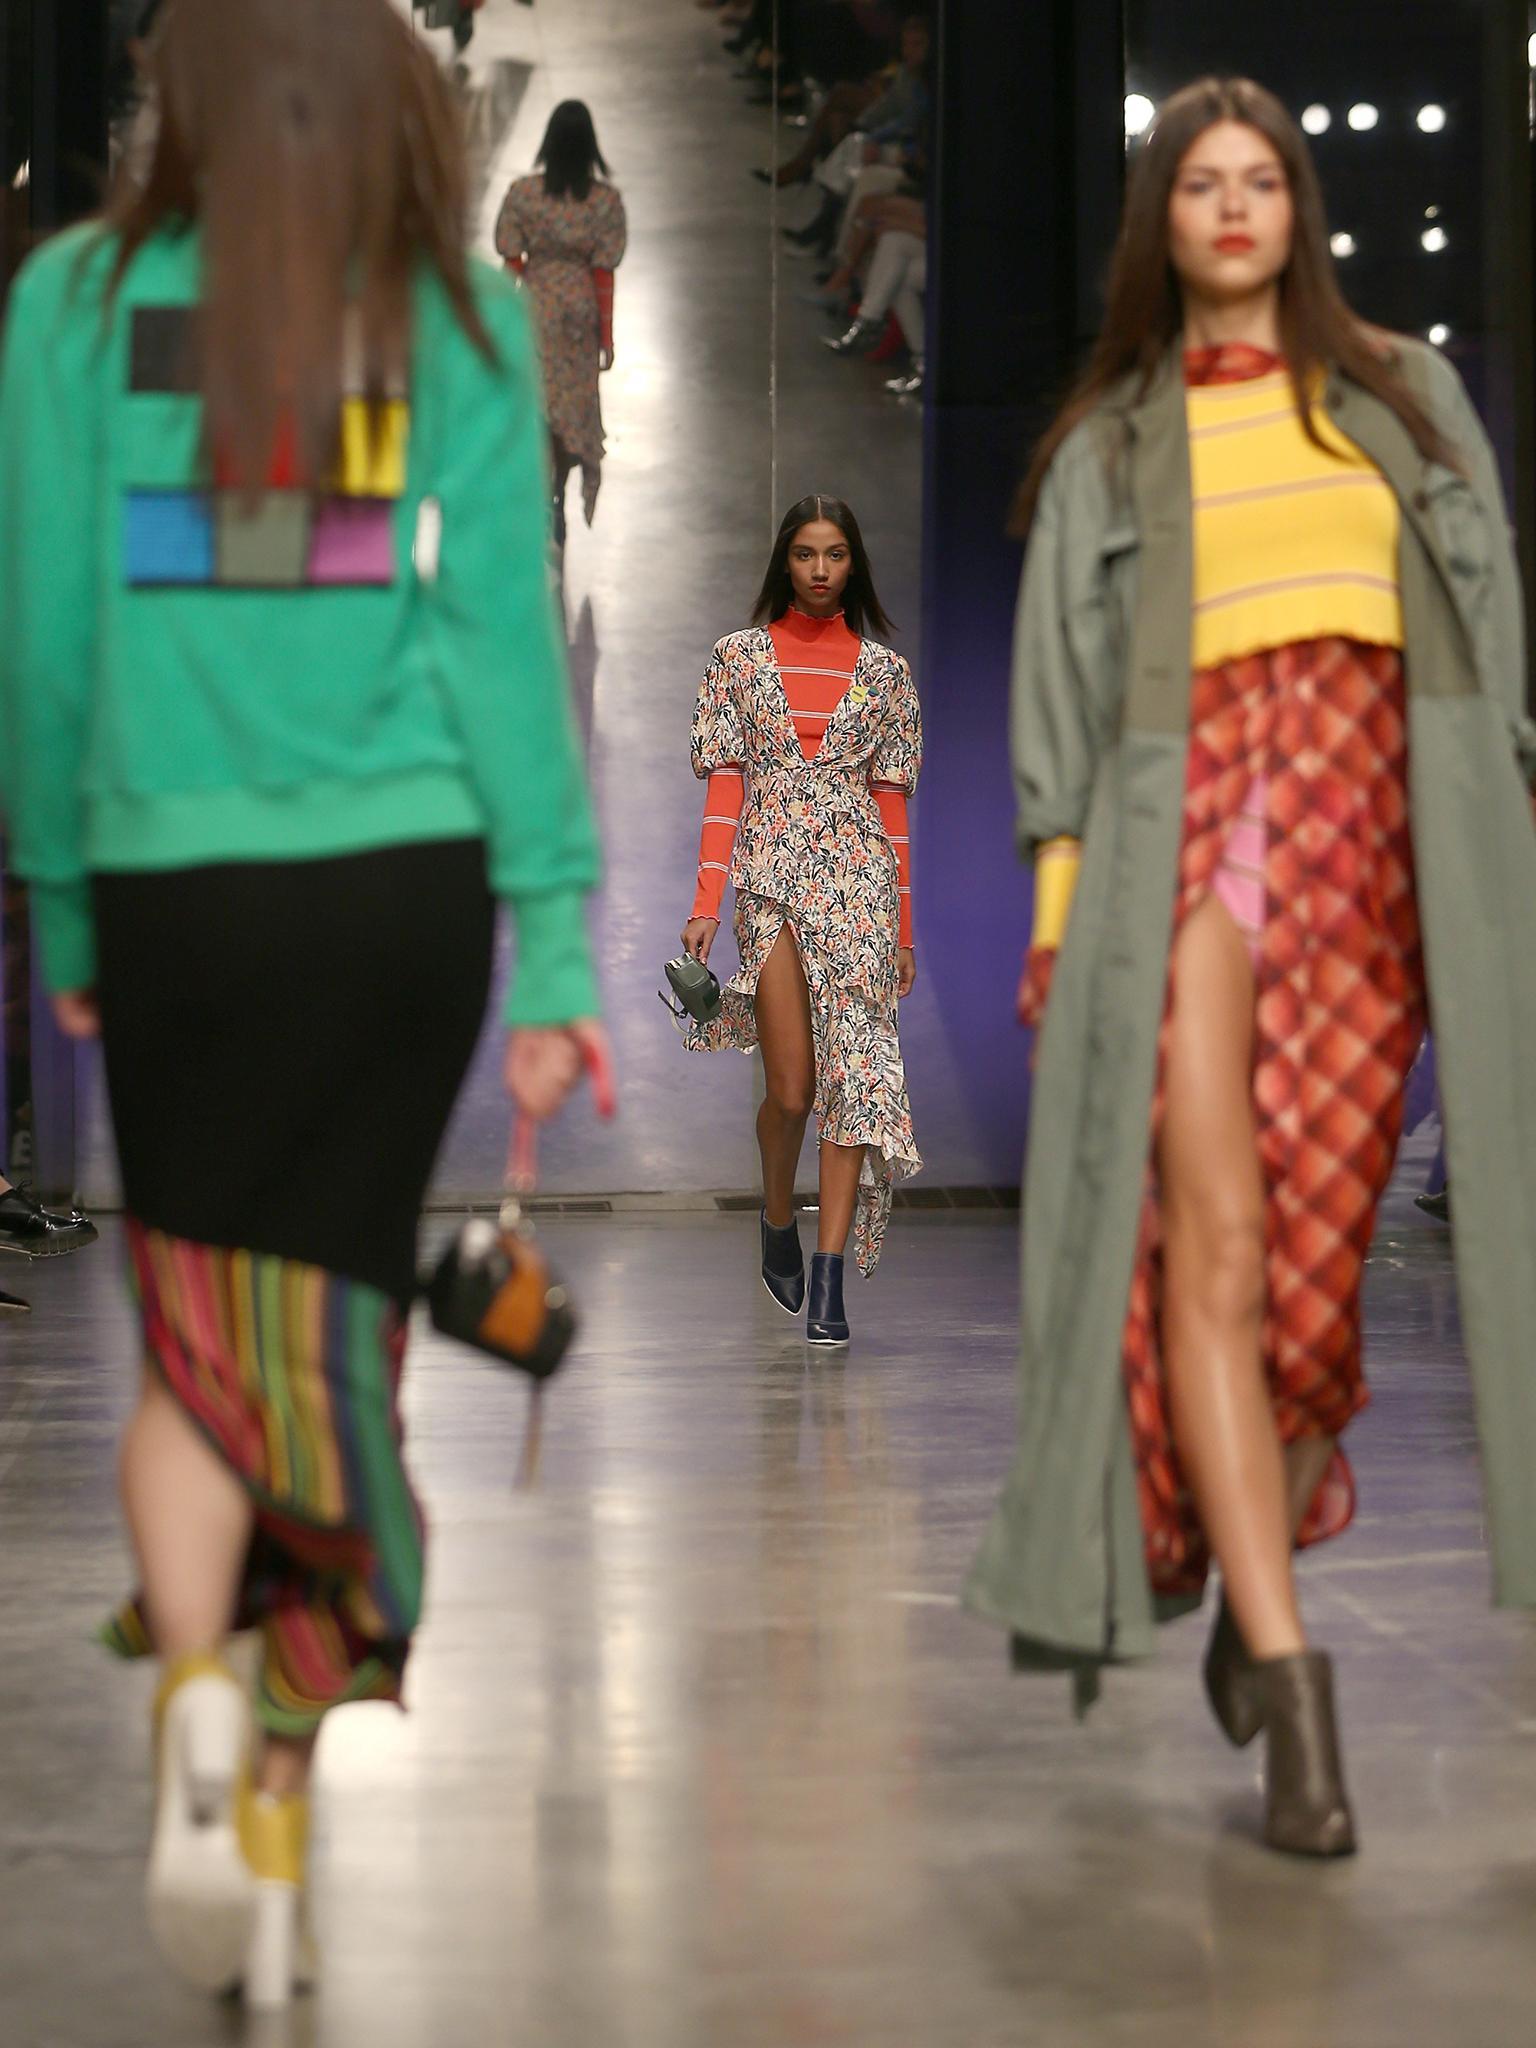 London Fashion Week  high-fashion alpine and artful heroines  19117ac2d1bdd